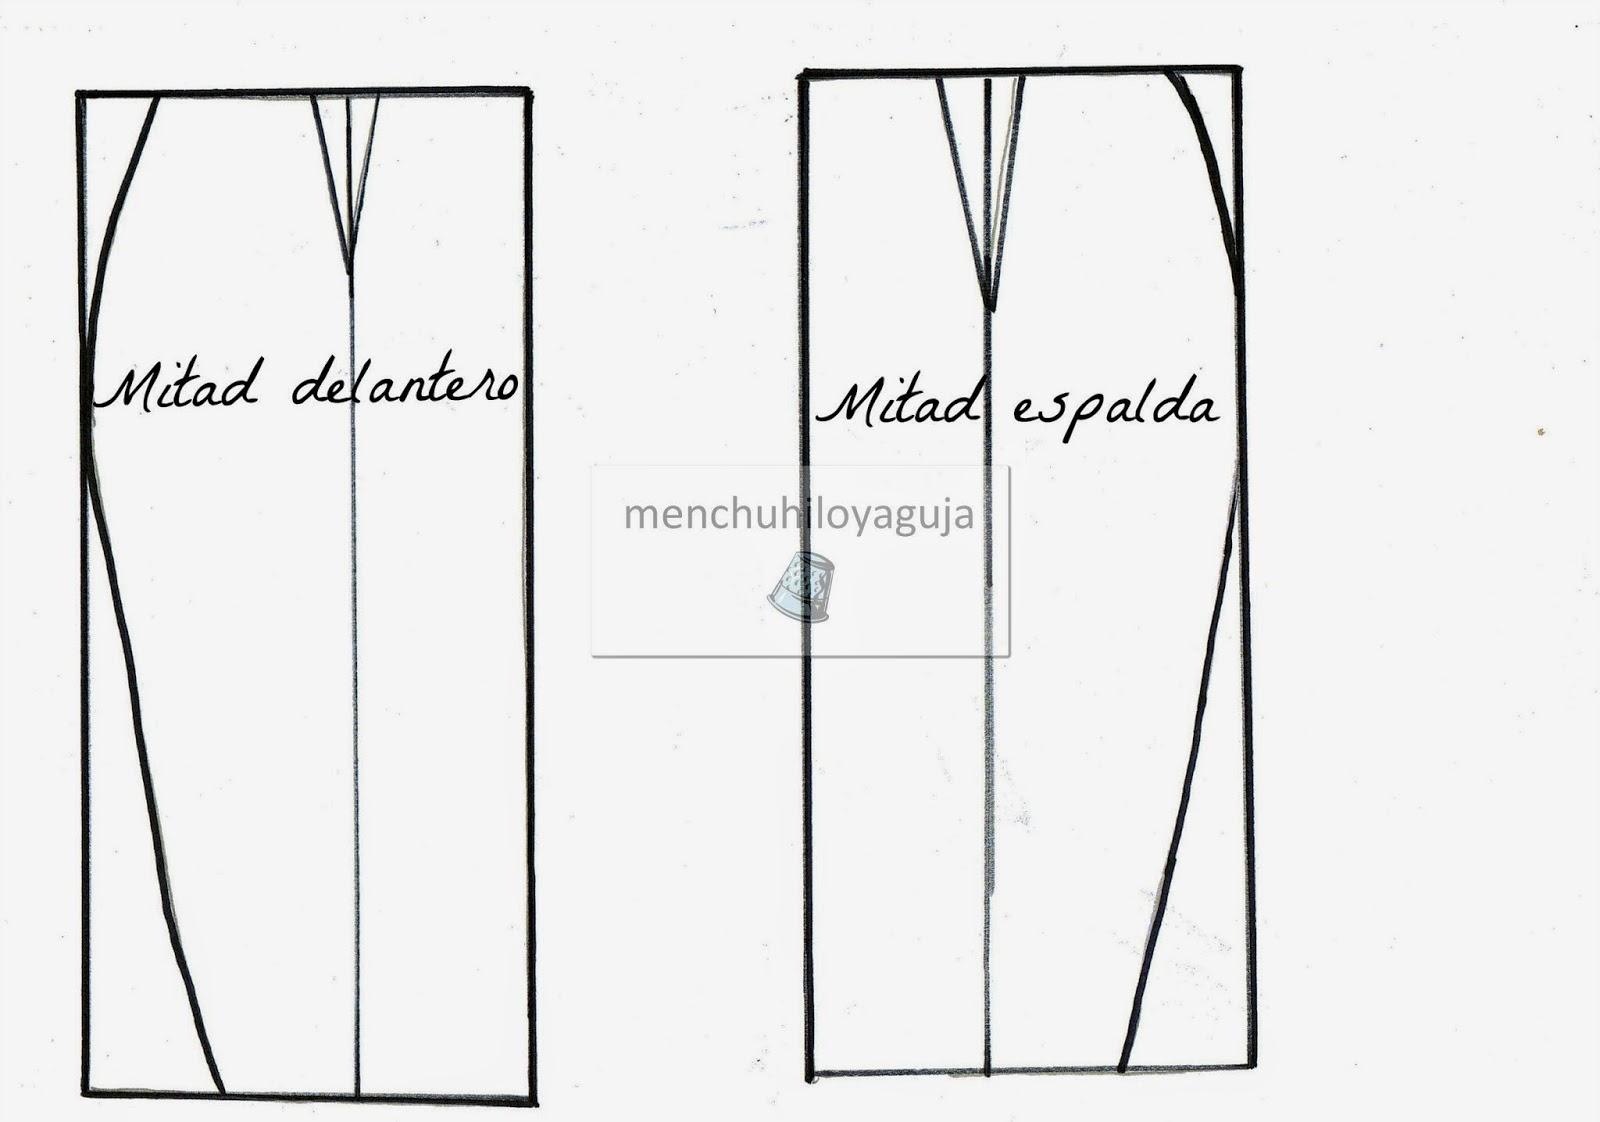 Patrones de Costura: CÓMO HACER UNA FALDA DE FLAMENCA CON TRES VOLANTES